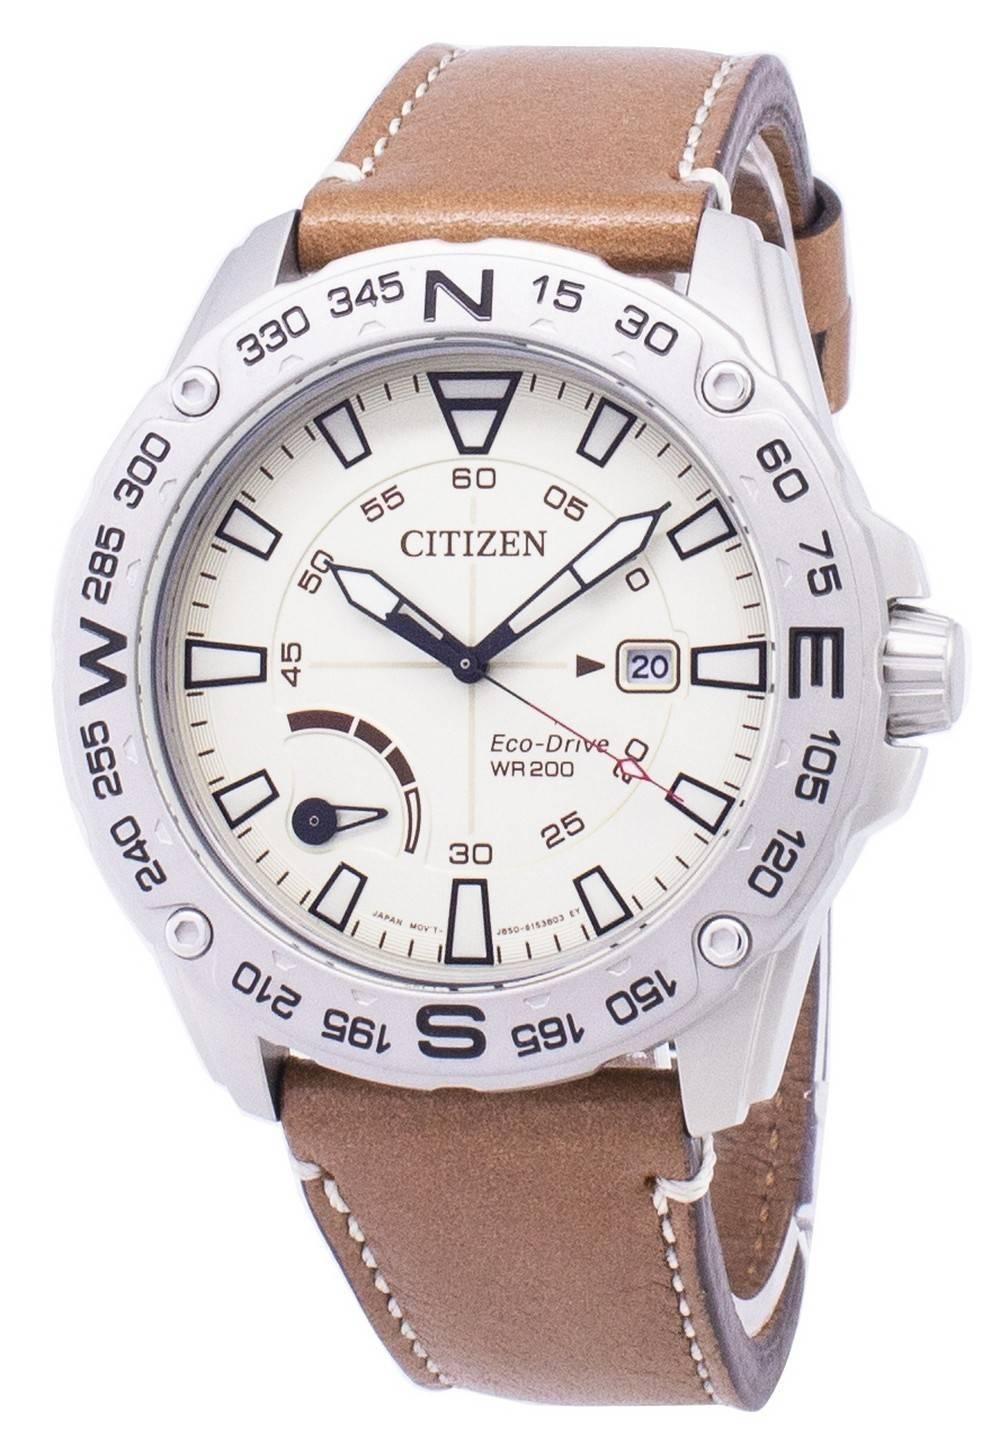 aca2e72f2c4 Detalles acerca de Citizen Eco-drive AW7040-02A Power Reserve Reloj para  hombres 200M- mostrar título original